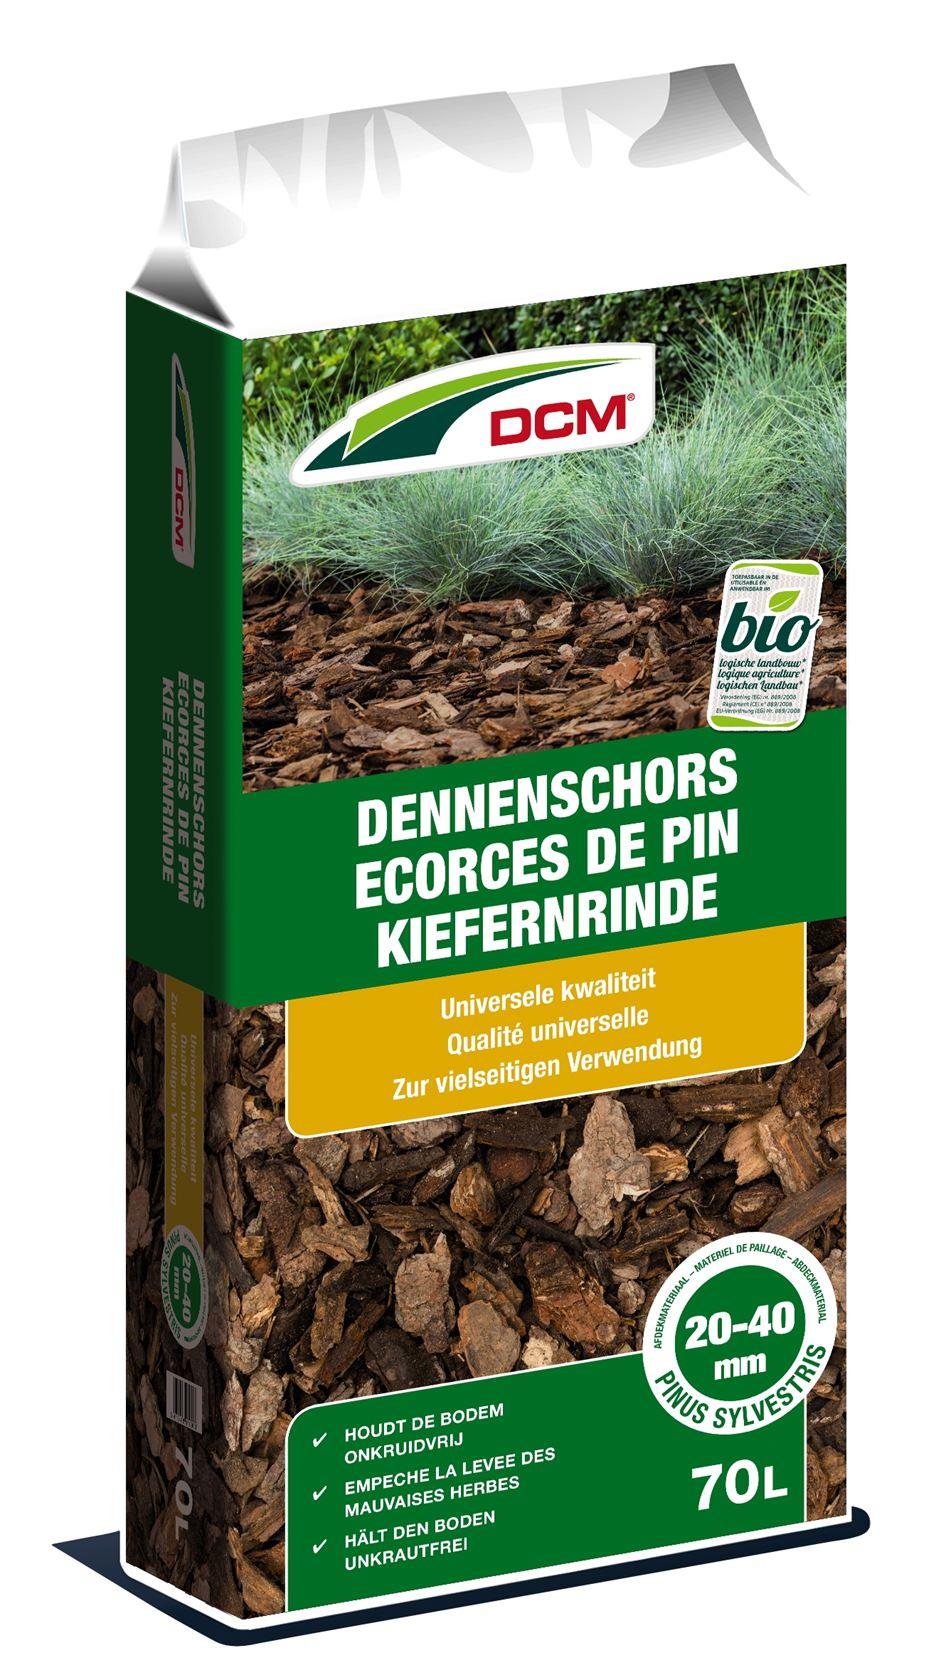 DCM-dennenschors-20-40-mm-pinus-sylvestris-70L-Bio